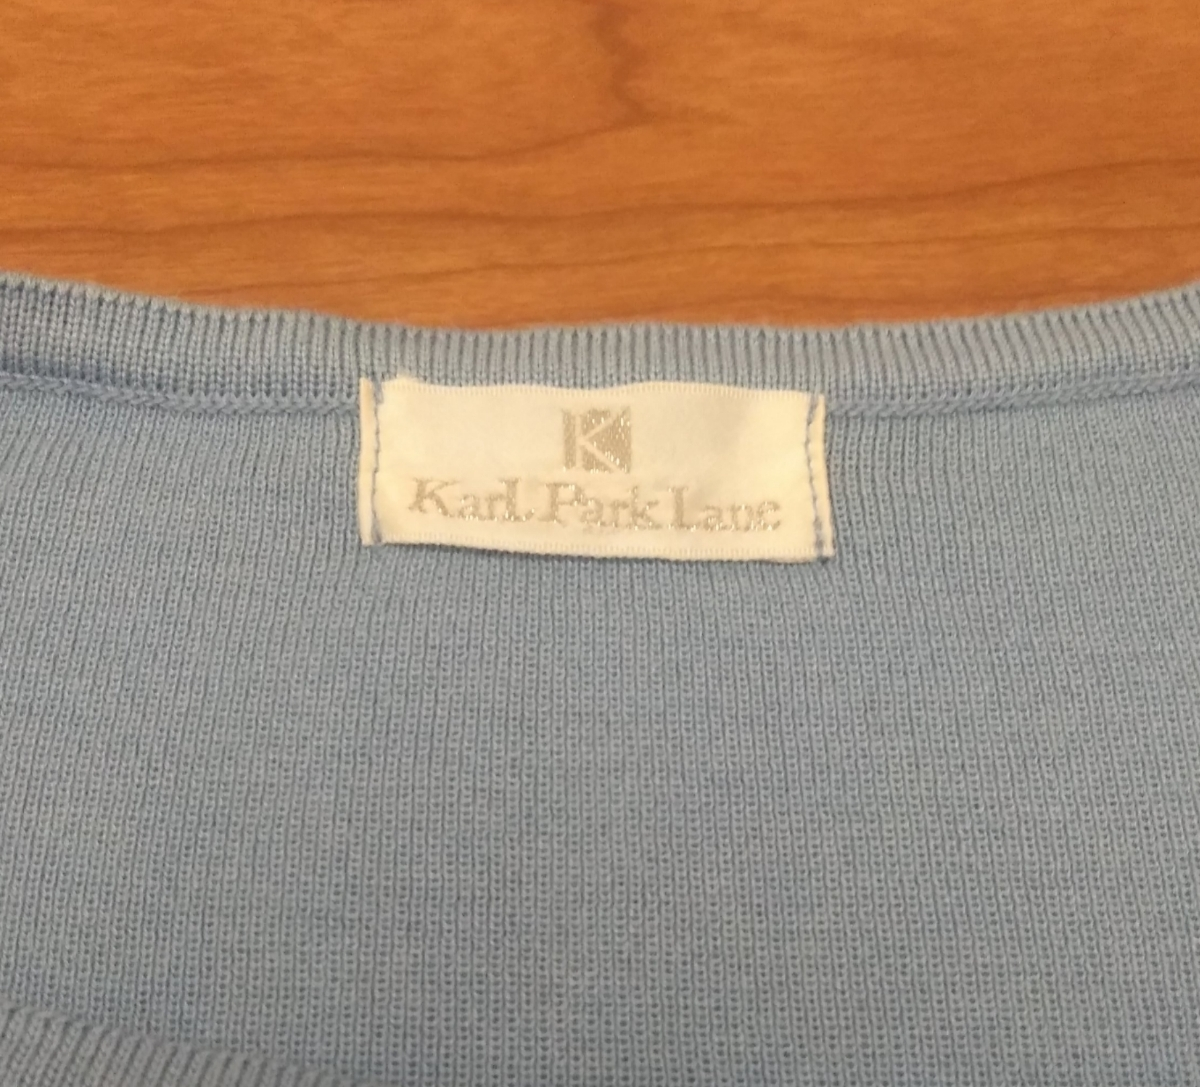 【新品】KarL Park Lane カールパークレーン トップス ブルー Mサイズ_画像2